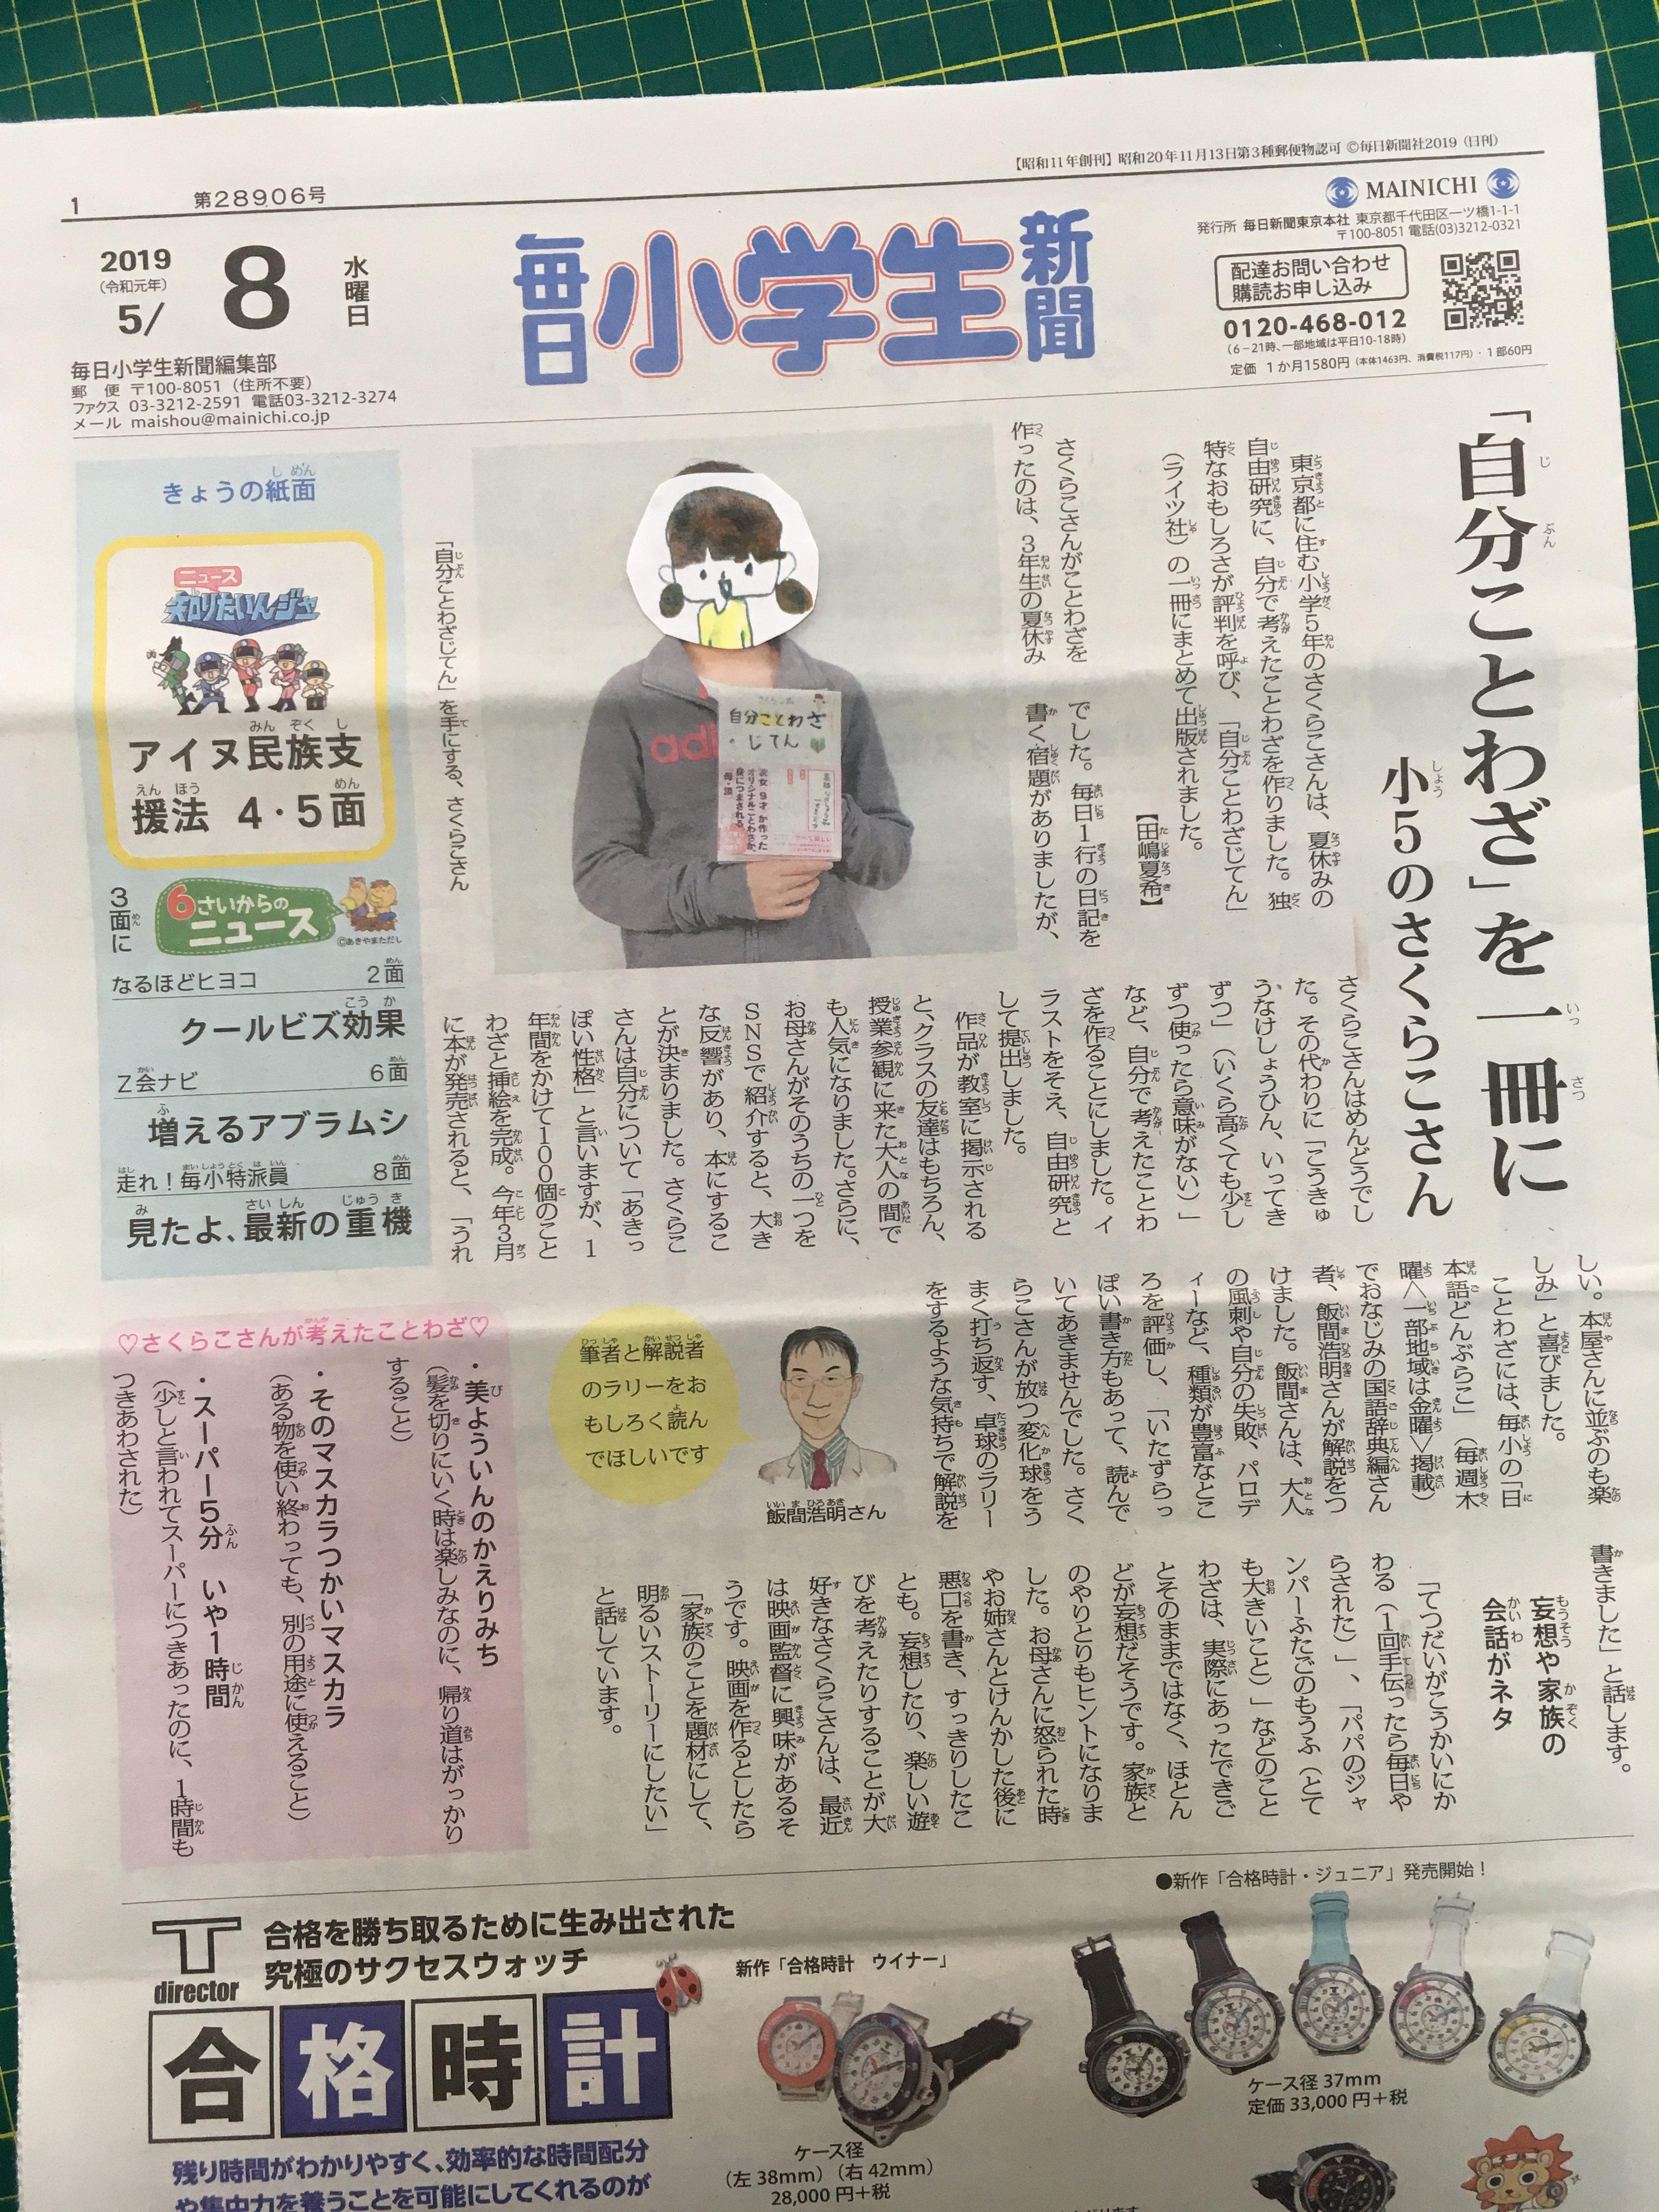 「毎日小学生新聞で『自分ことわざじてん』が紹介されました!」記事アイキャッチ画像